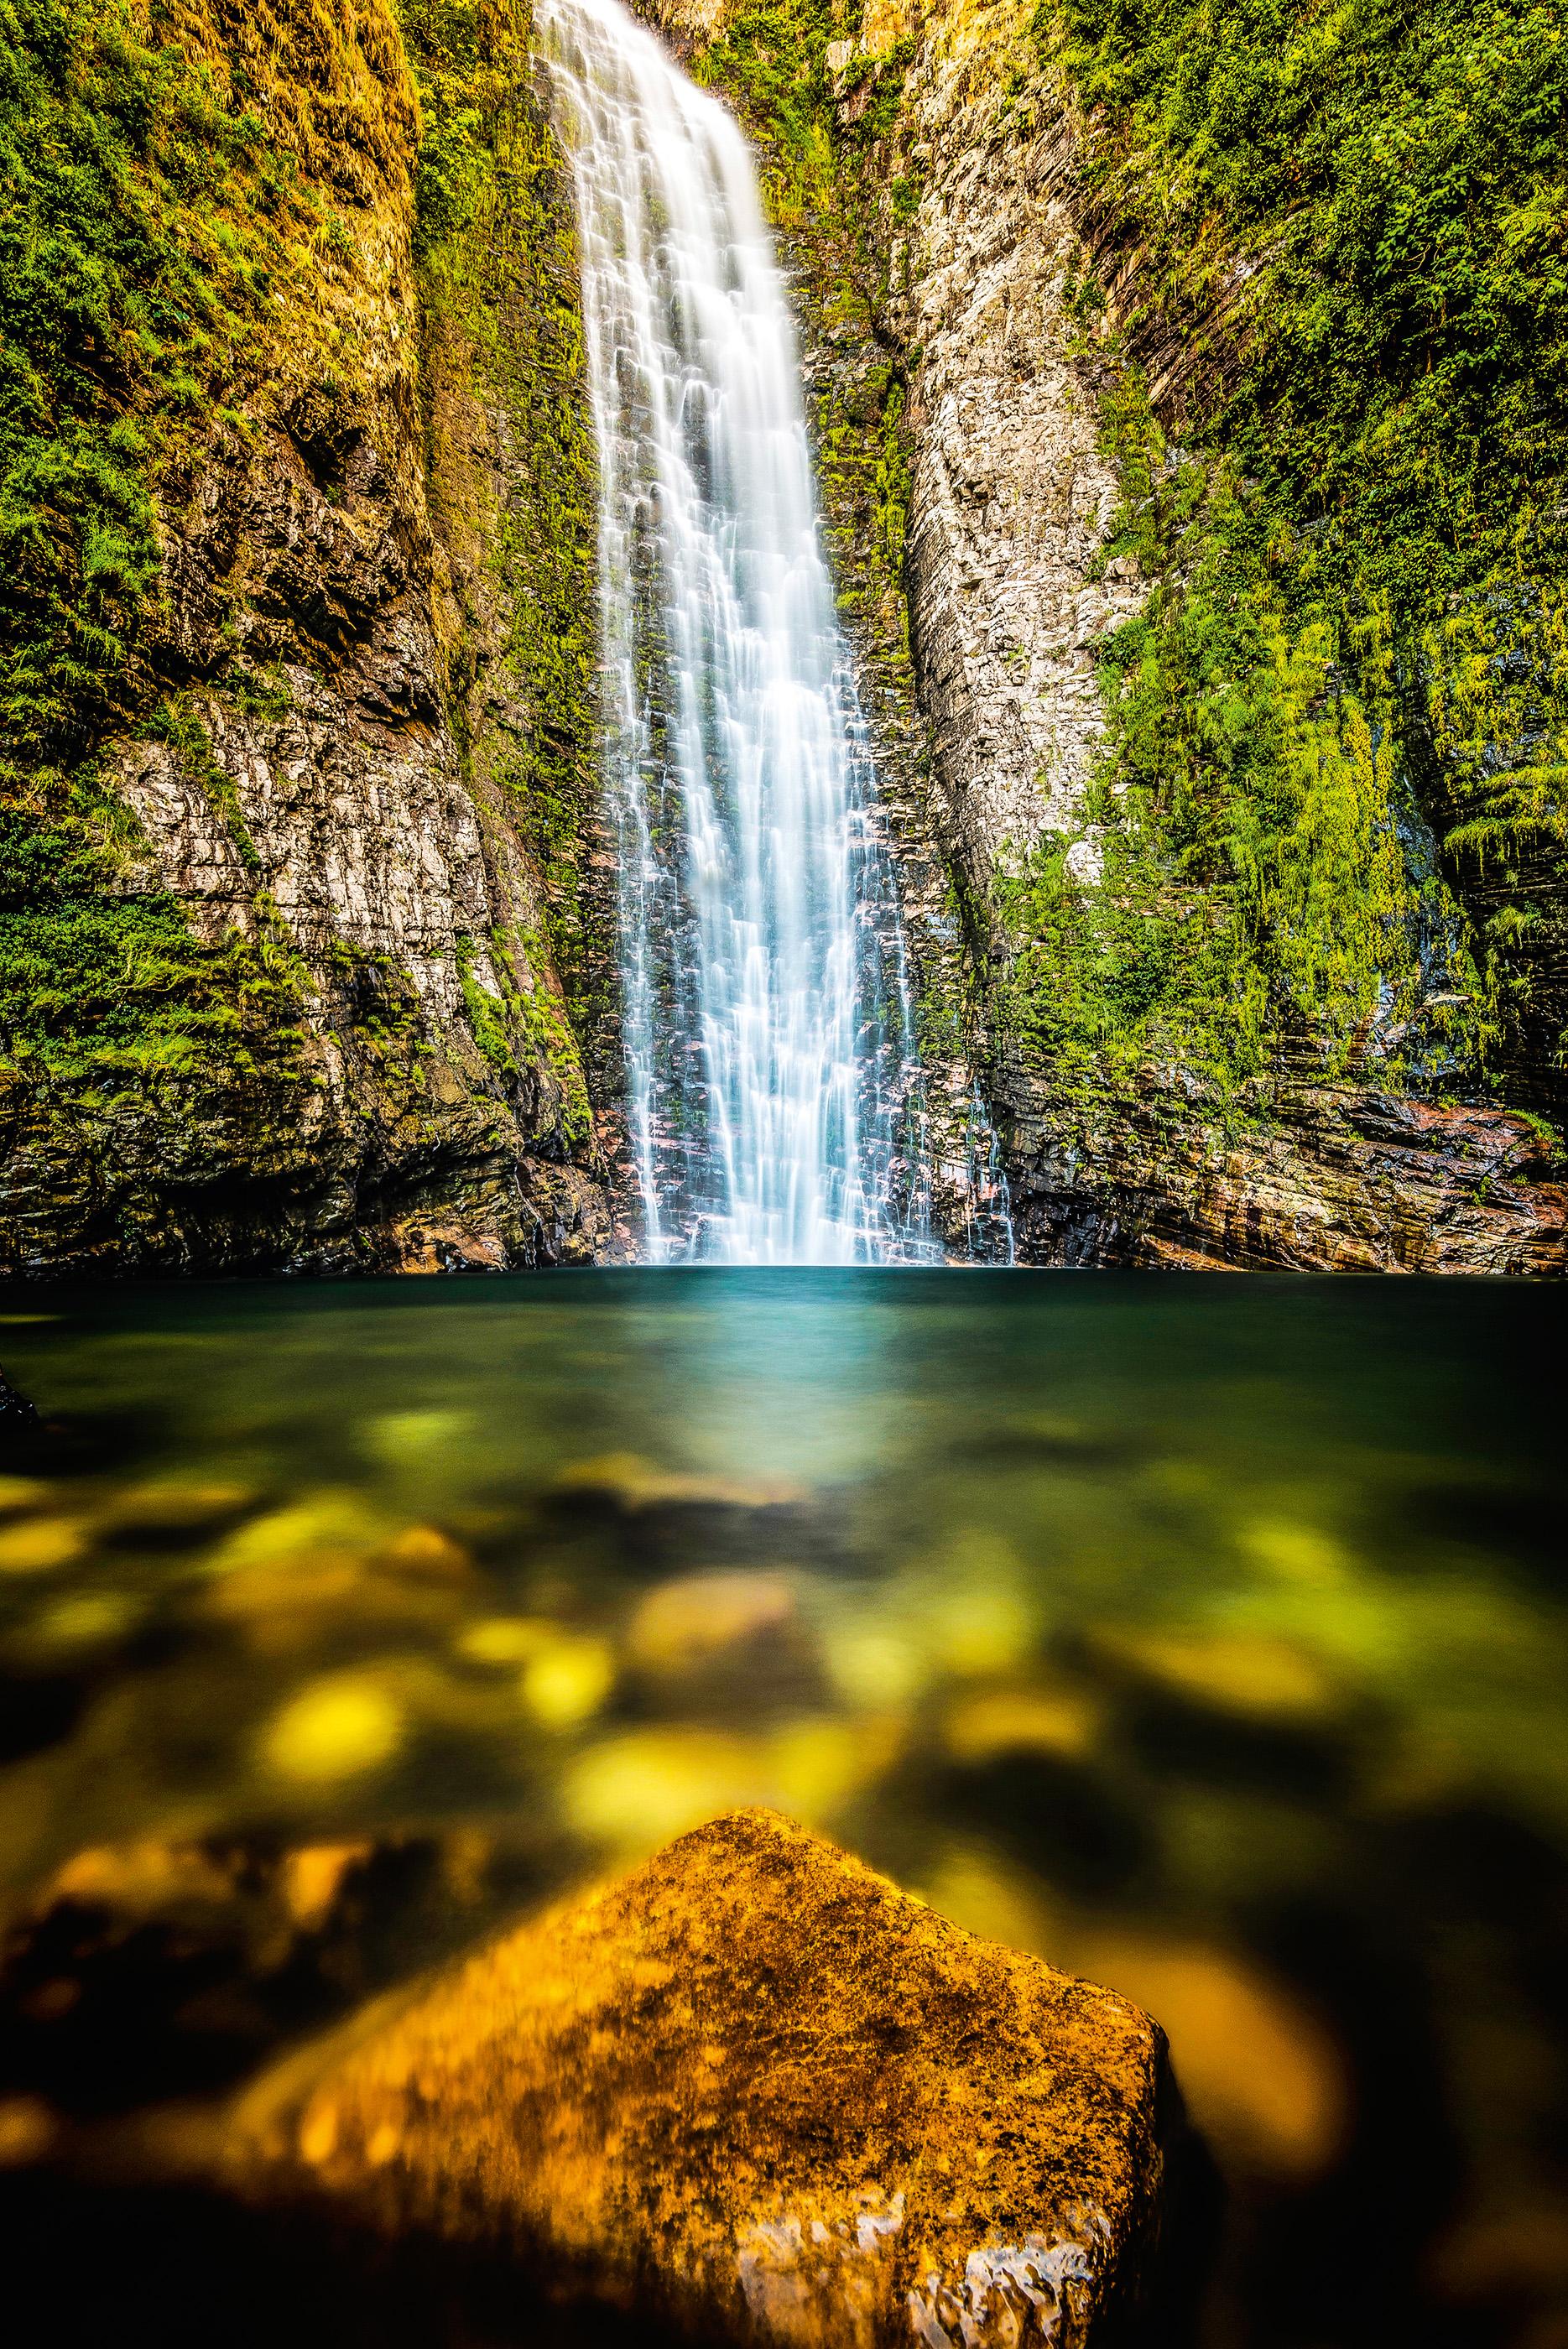 Depois de muitas travessias de rios, a Cachoeira do Segredo é o grande prêmio